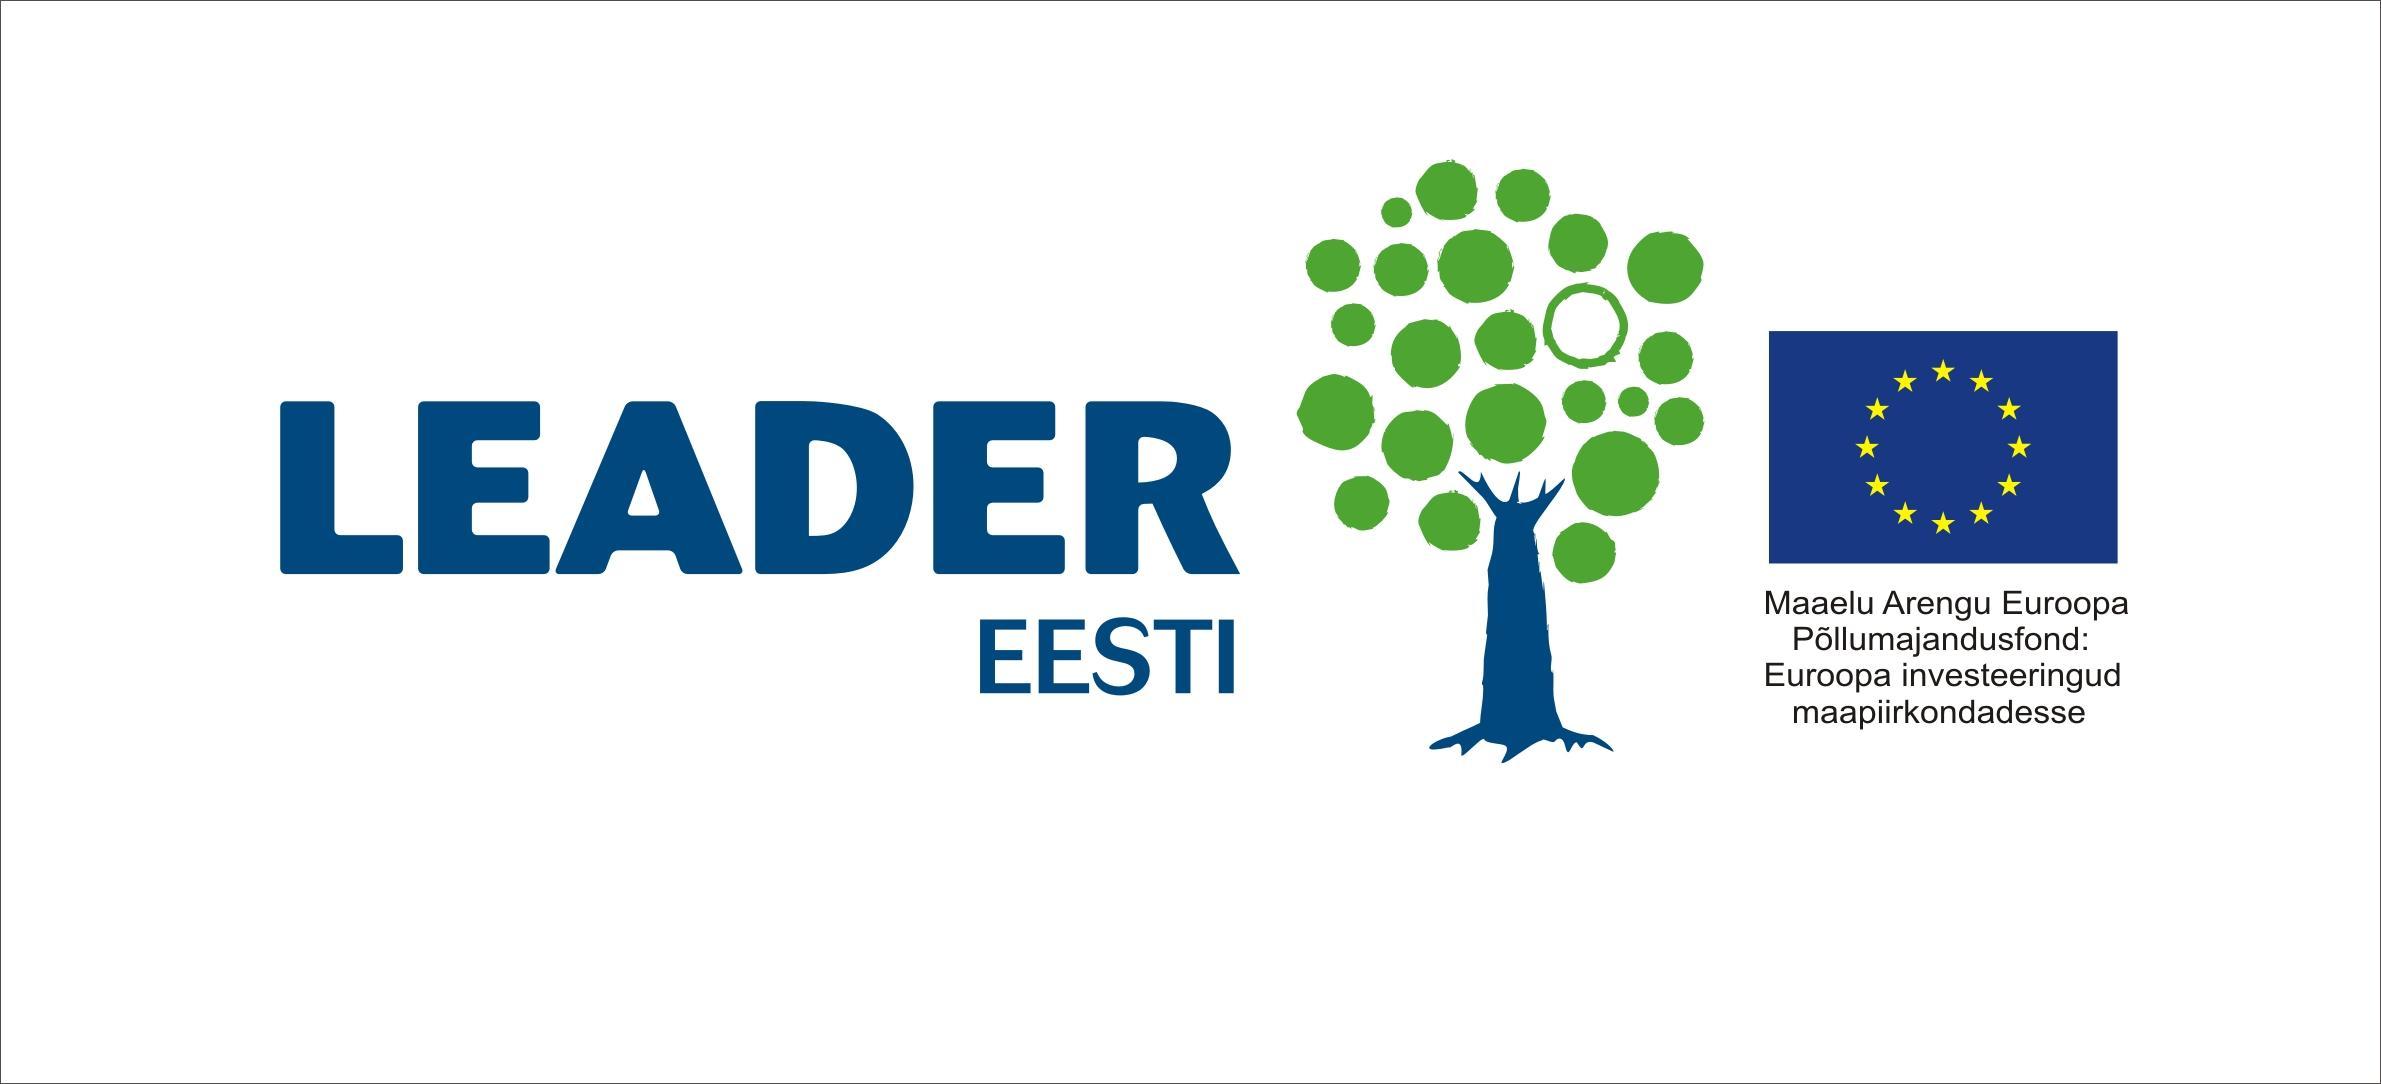 Saarlased esitasid LEADER-projektide tänavusse esimesse taotlusvooru 44 taotlust. Taotlusi võeti vastu meetmesse 2 ehk elujõuliste kogukondade arendamiseks ja elukeskkonna parendamiseks. Saarte koostöökogu (SKK) andmeil on kõnealuse meetme eesmärk toetada ettevõtmisi […]